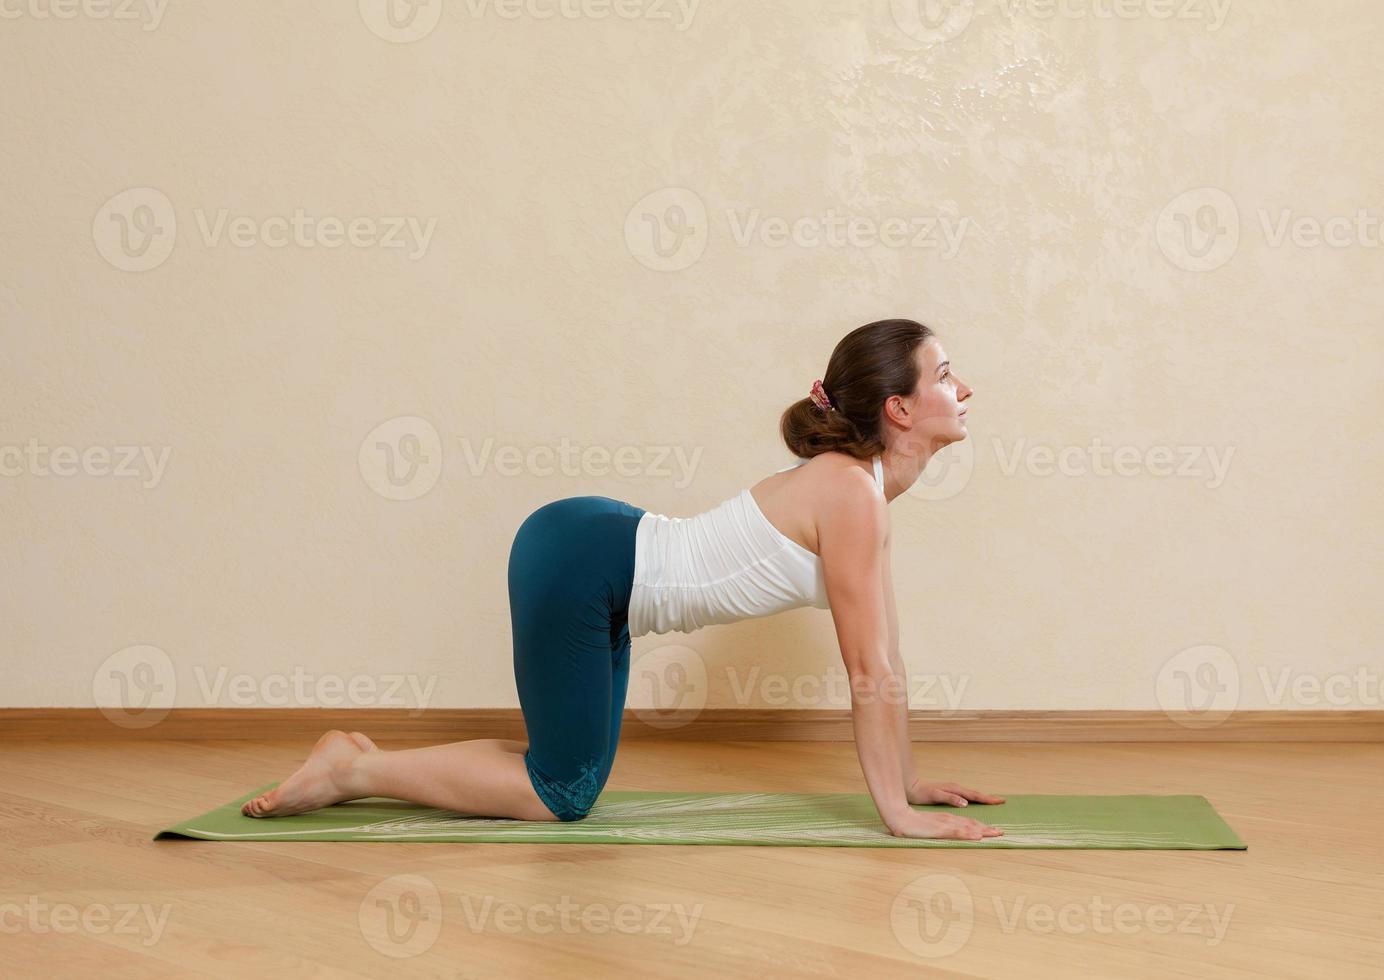 kaukasisk kvinna utövar yoga i studion (bidalasana) foto